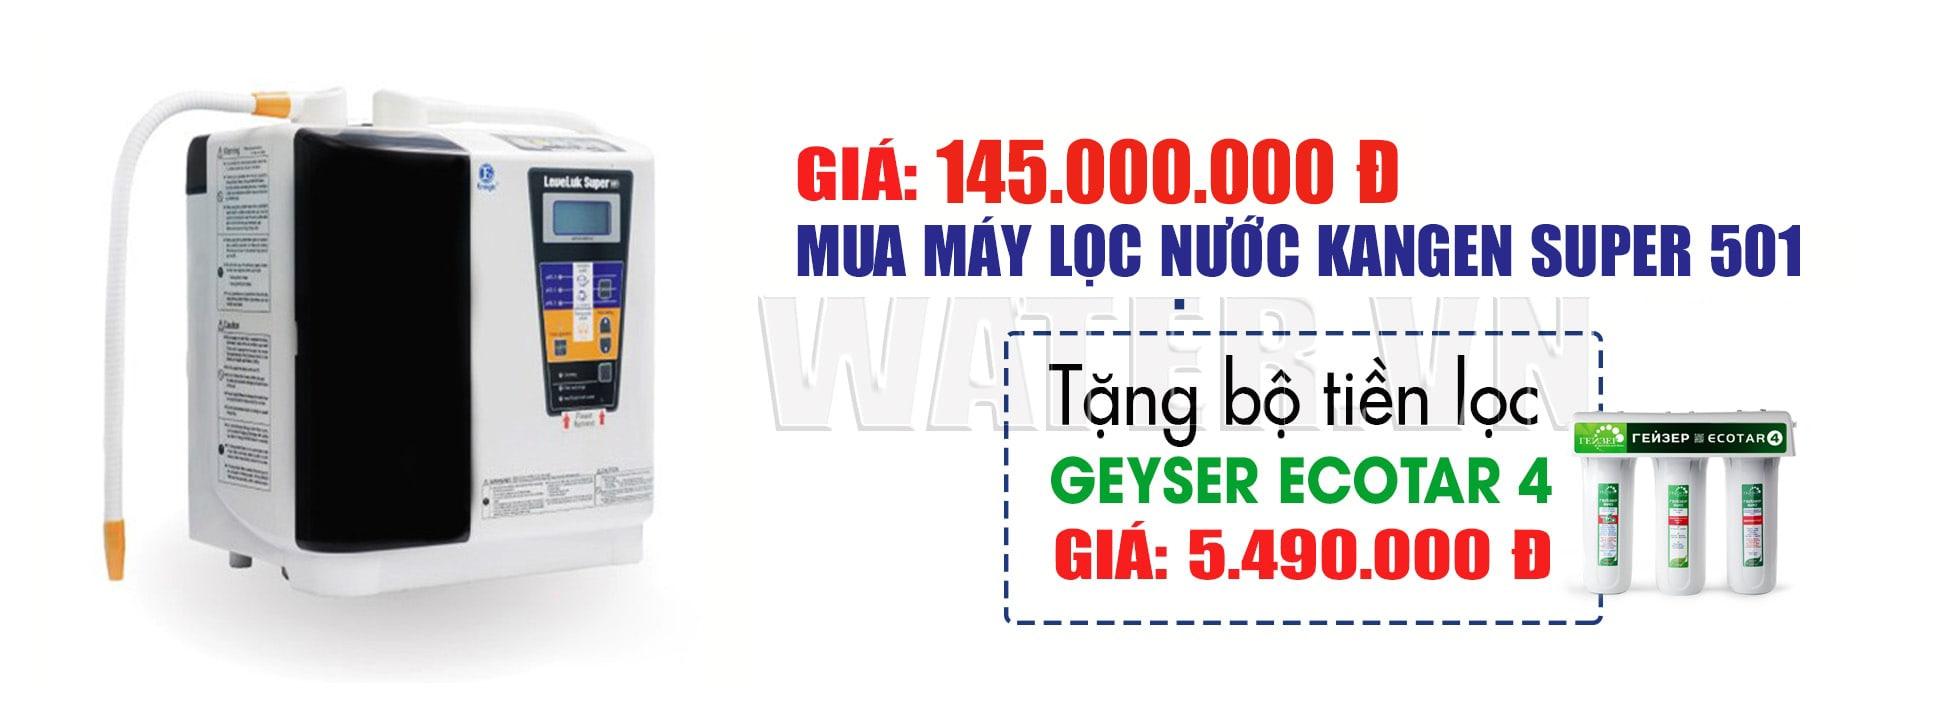 Kangen Super 501 thuộc phân khúc cao cấp có mức giá tương đối cao